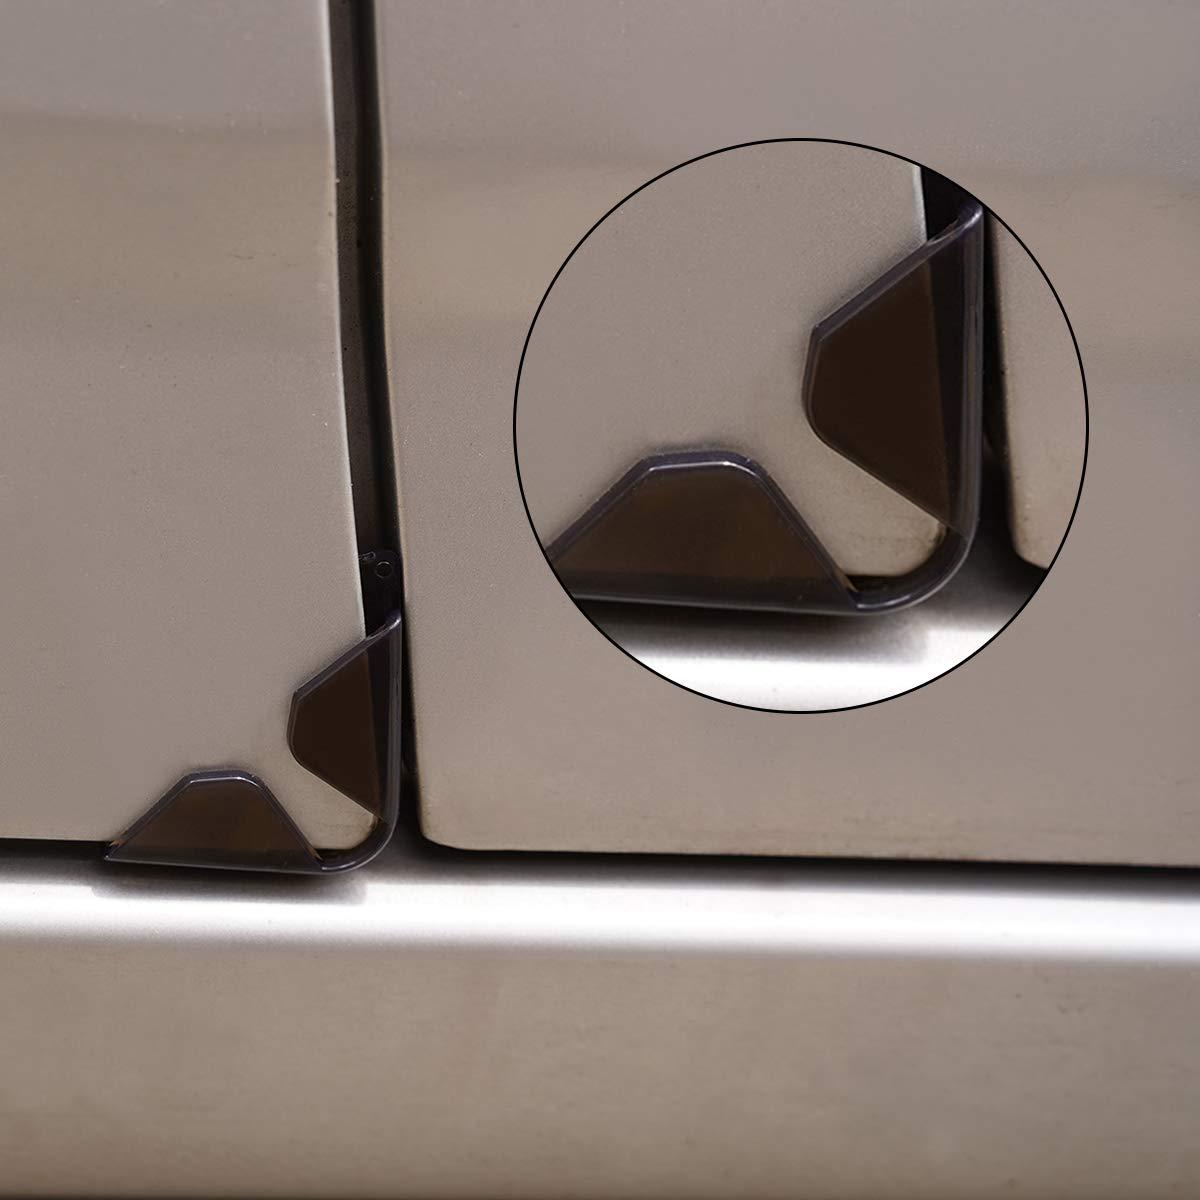 Senzeal Car Door Protector Corner Car Door Side Guard Edge Protector Bumper Anti-Scratch Corner Fit for Most Cars 4pcs Black